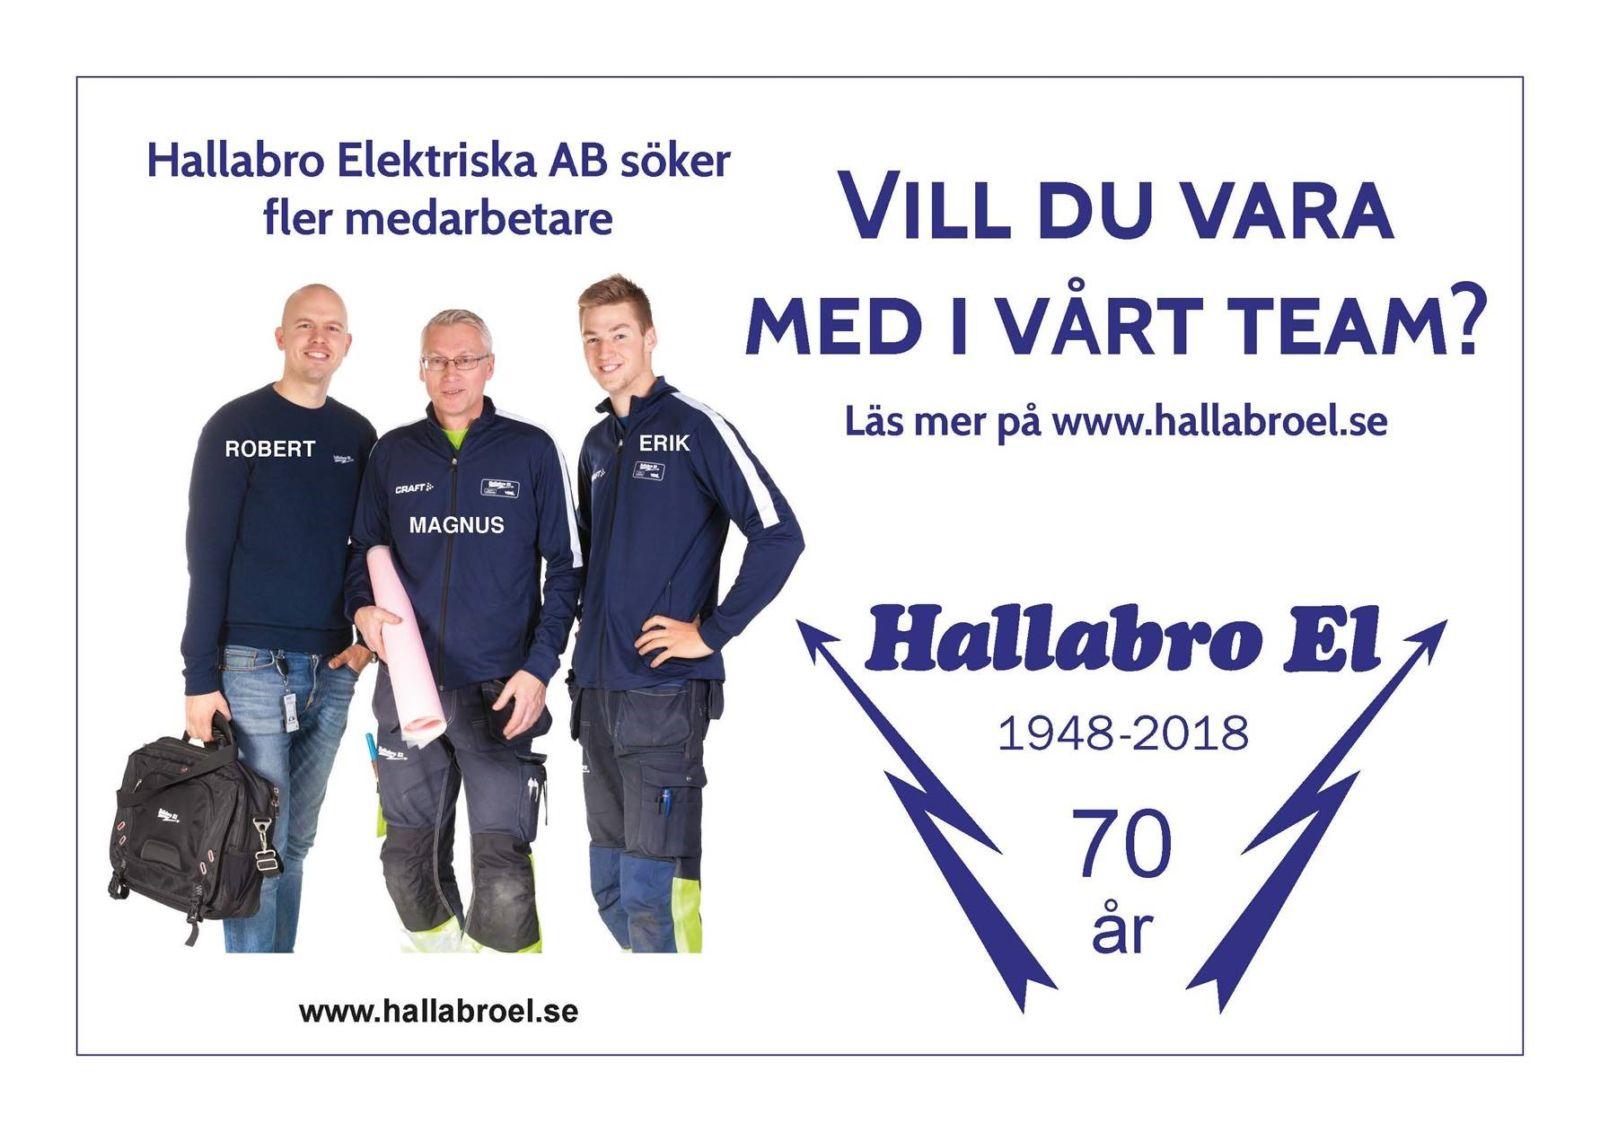 Vi söker nya medarbetare i Växjö, Kalmar och Karlskrona. Är du en nyfiken, driven och social utbildad elektriker inom installation, service eller tele/data är du välkommen att höra av dig till oss! Maila till emma.elheim@hallabroel.se alternativt ring 0477-555 51